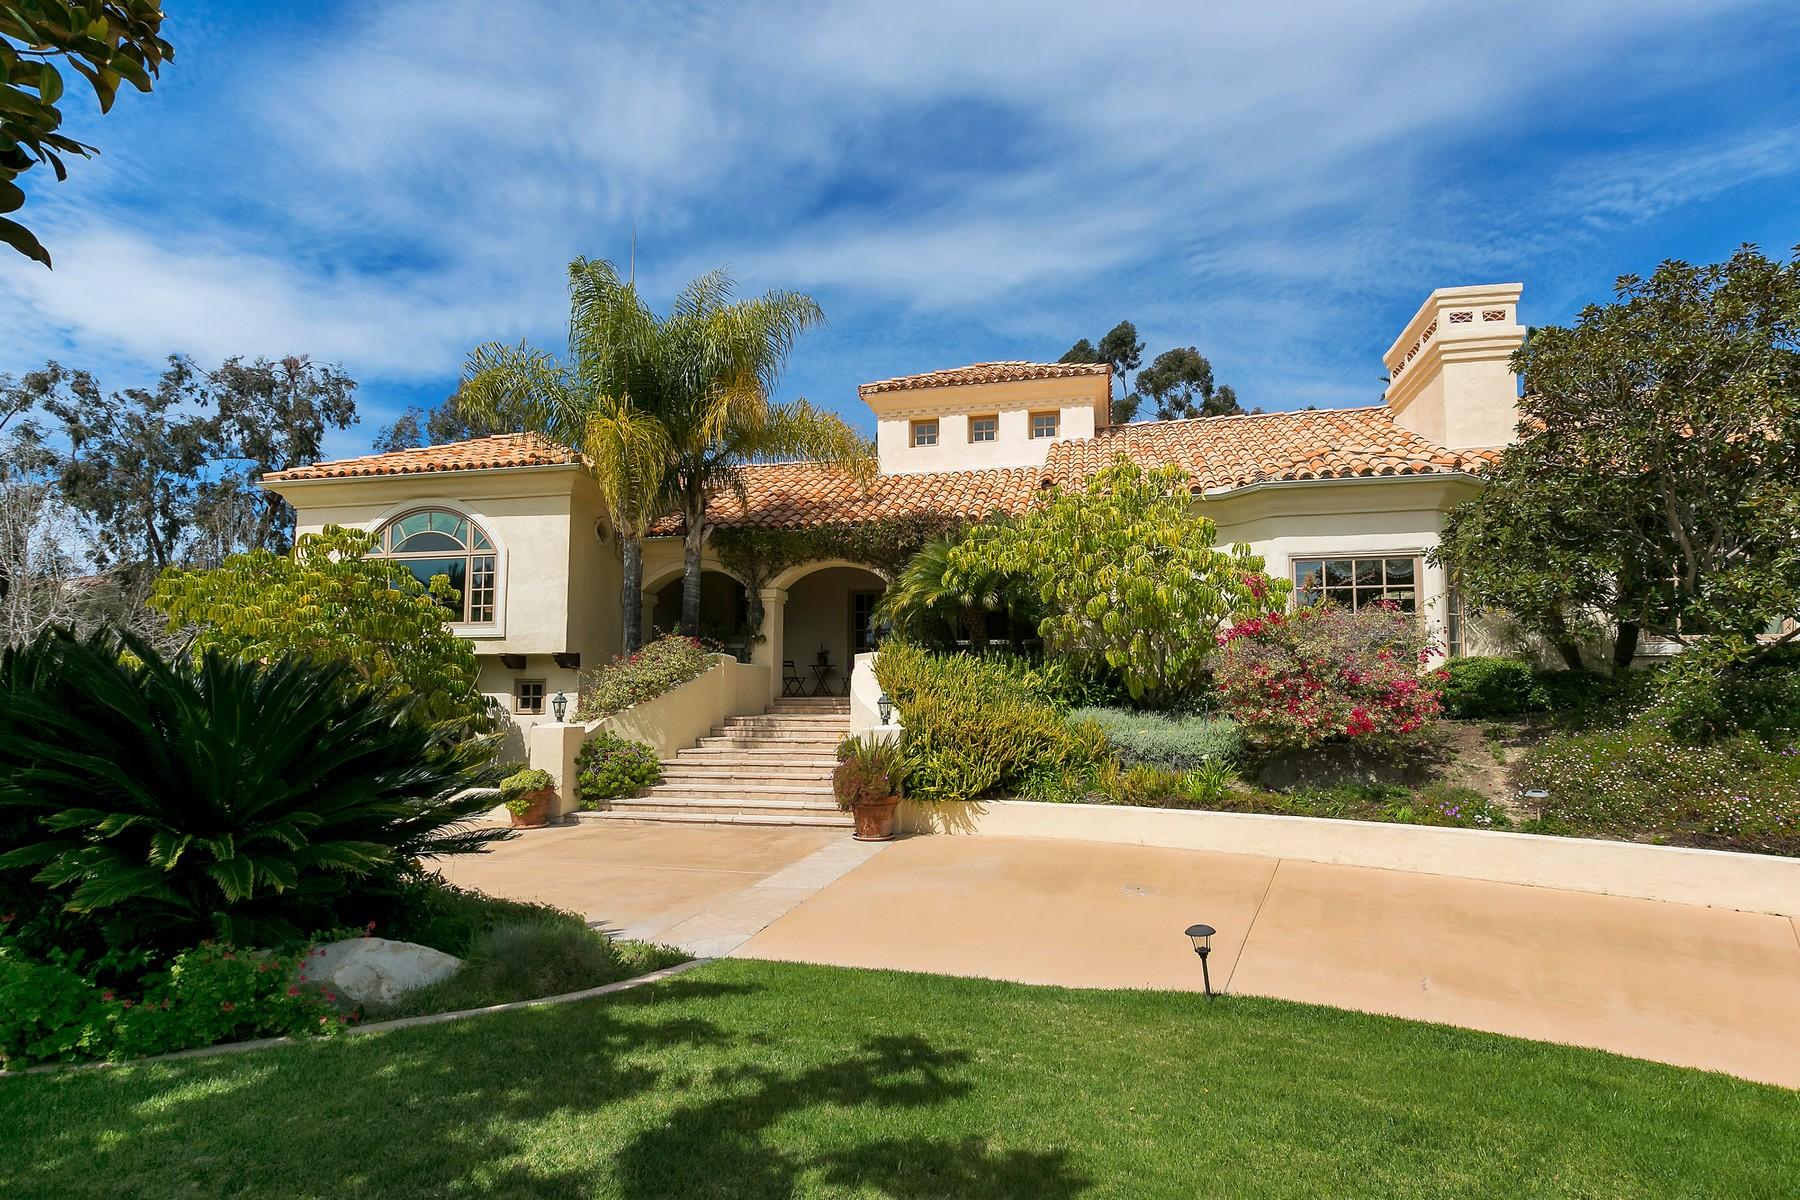 獨棟家庭住宅 為 出售 在 14660 Calle Carla Rancho Santa Fe, 加利福尼亞州, 92067 美國